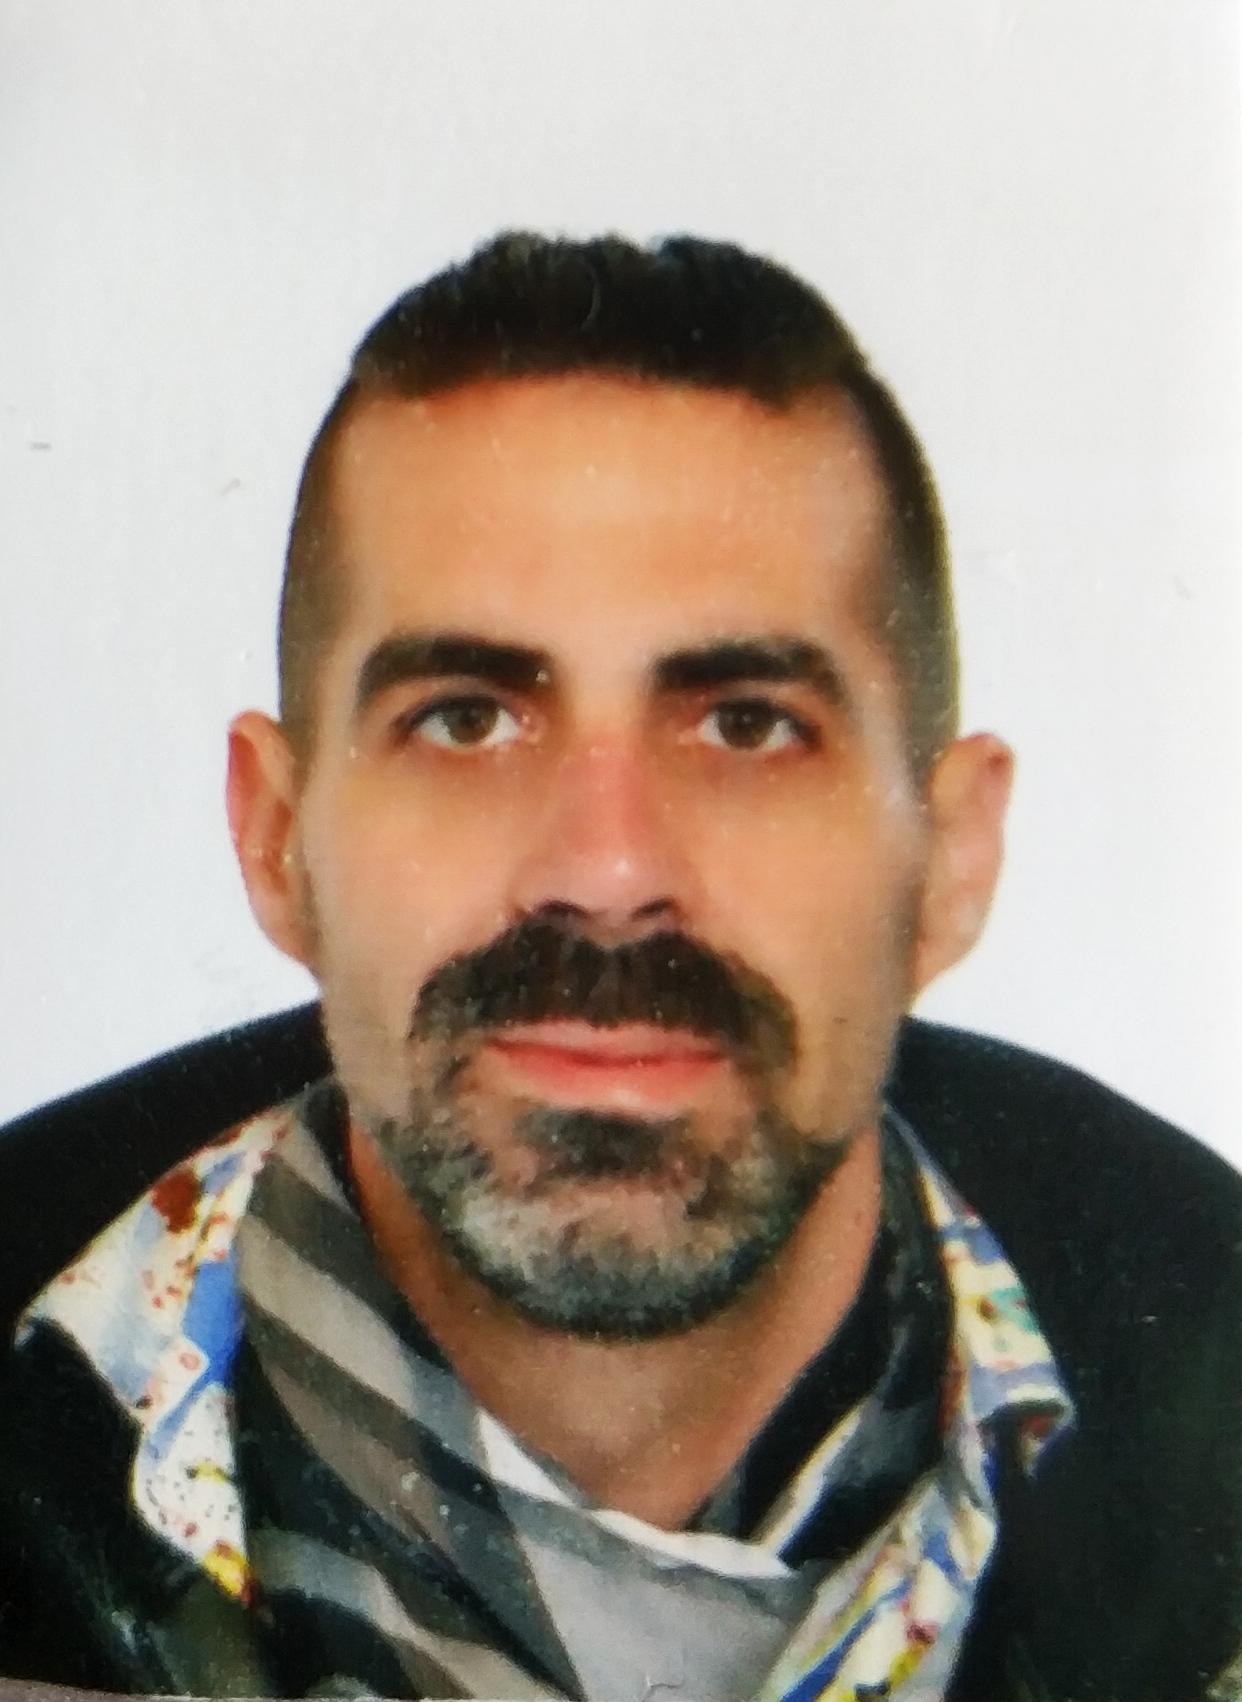 Carlos Alcoceba